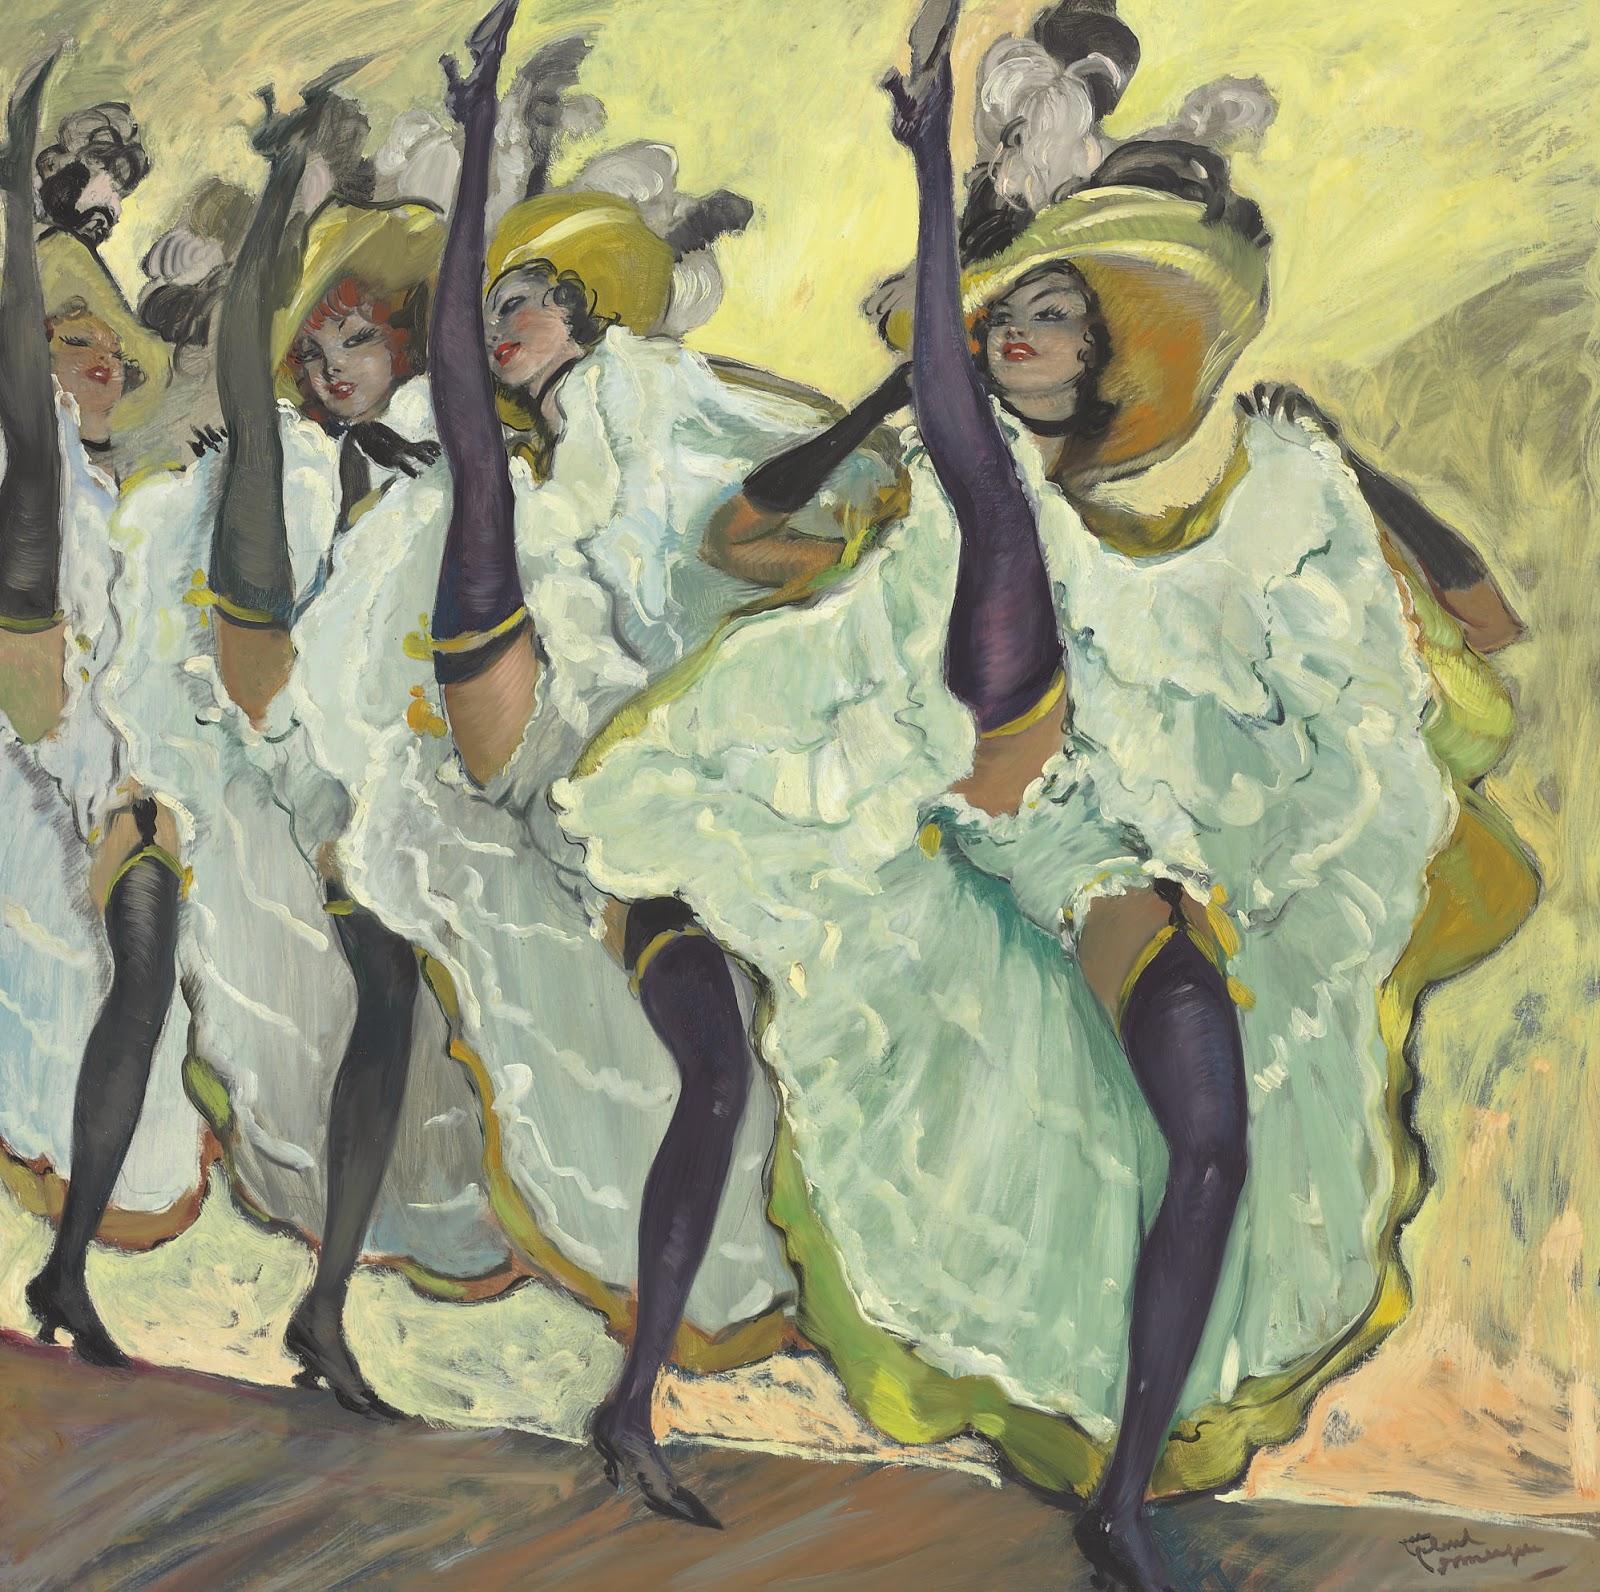 Jean Gabriel Domergue Les danseuses